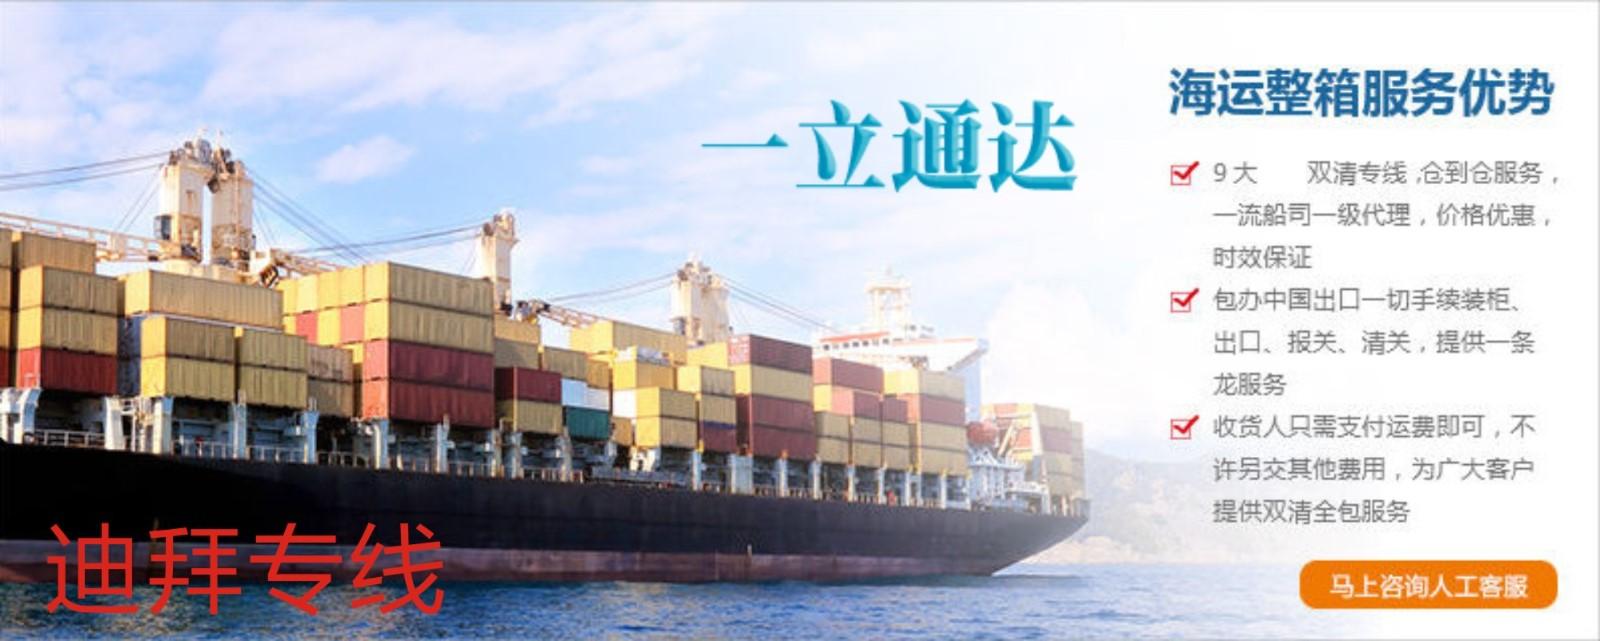 迪拜海运多少天/伊朗物流/深圳一立通达国际物流有限公司